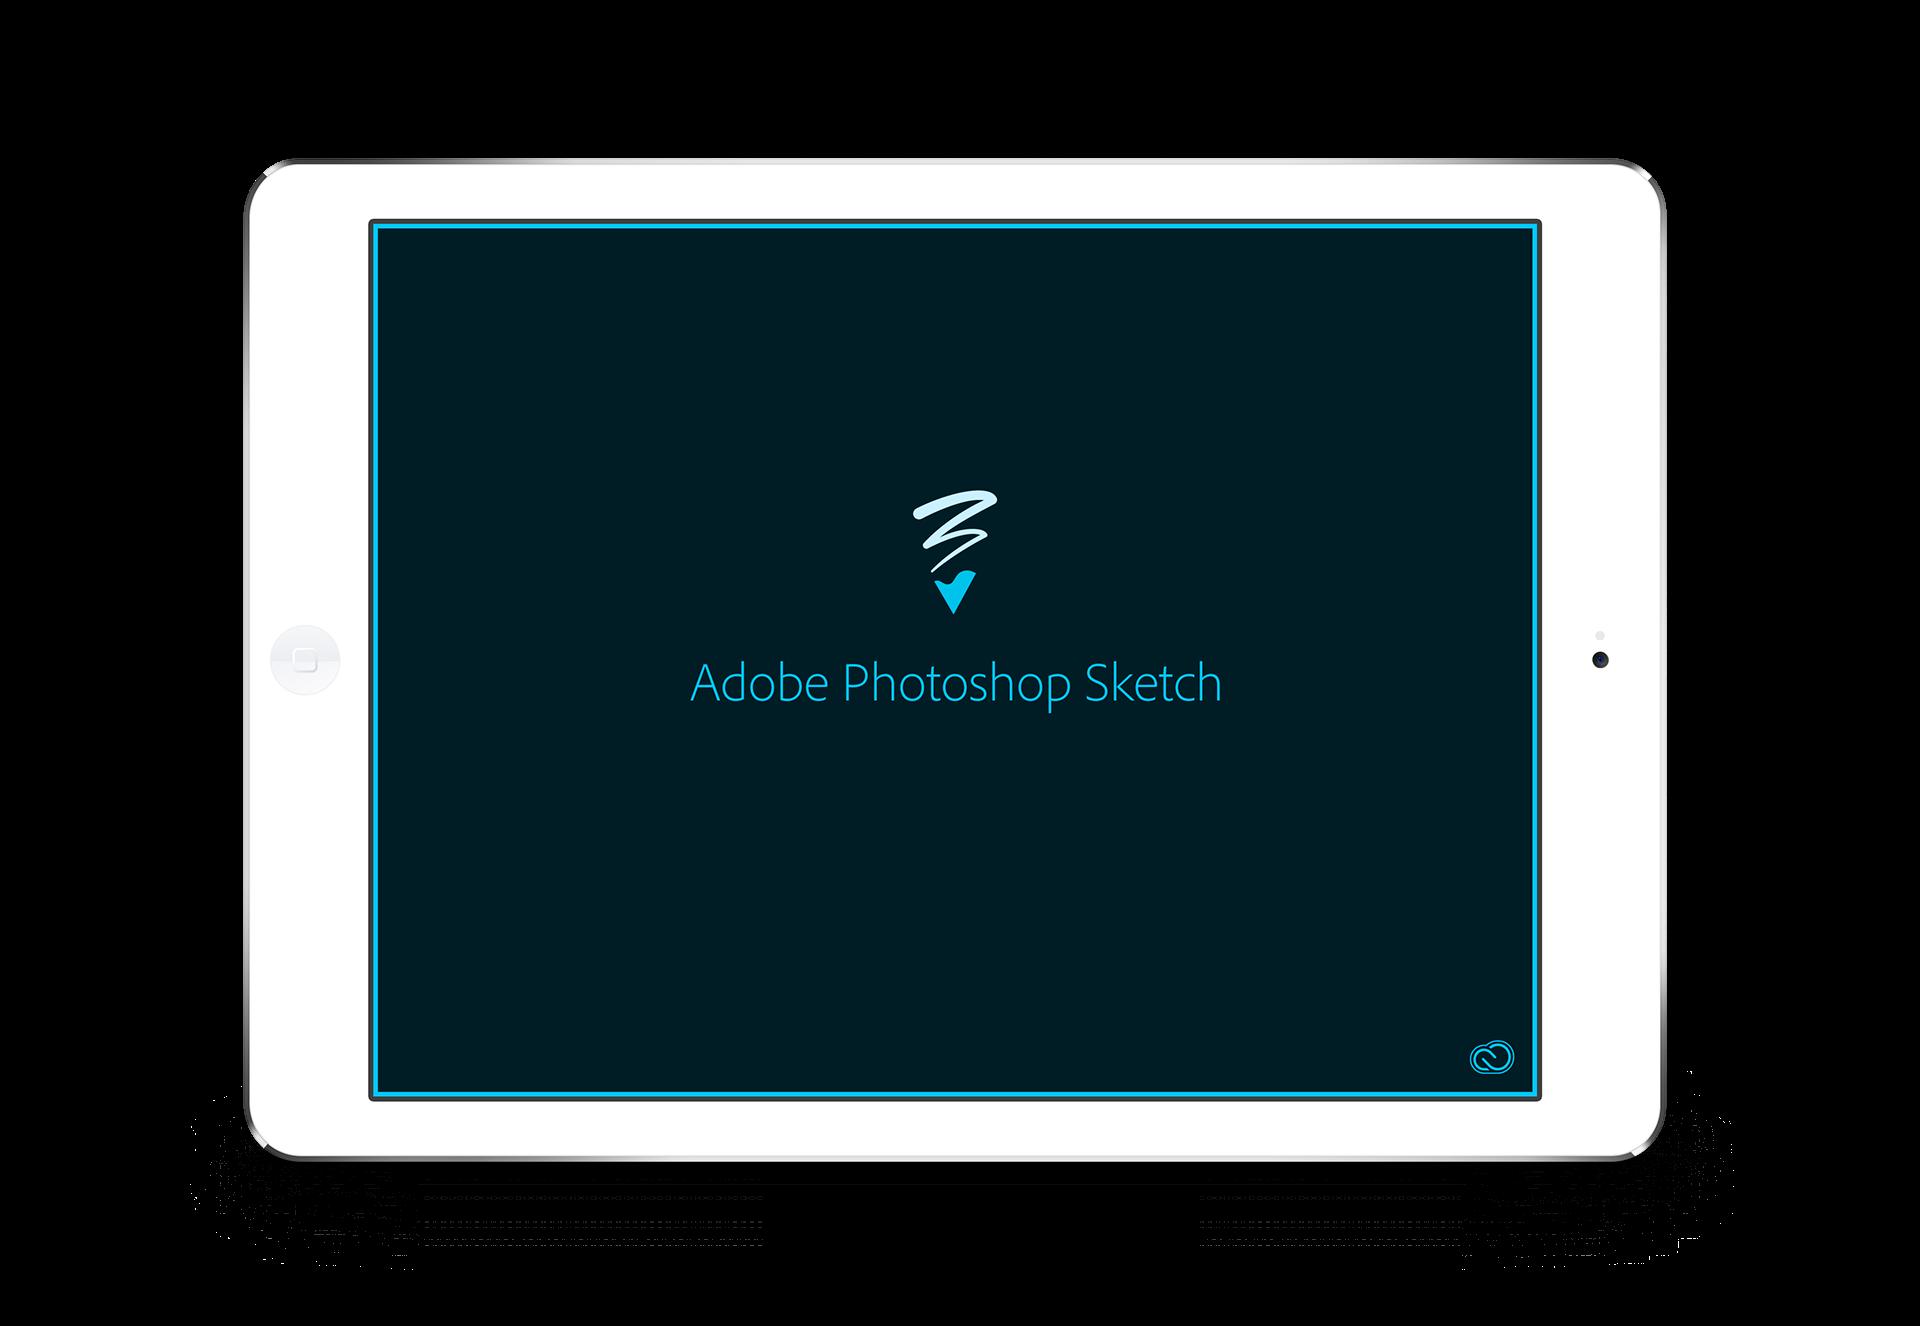 Campbellandia Adobe Photoshop Sketch